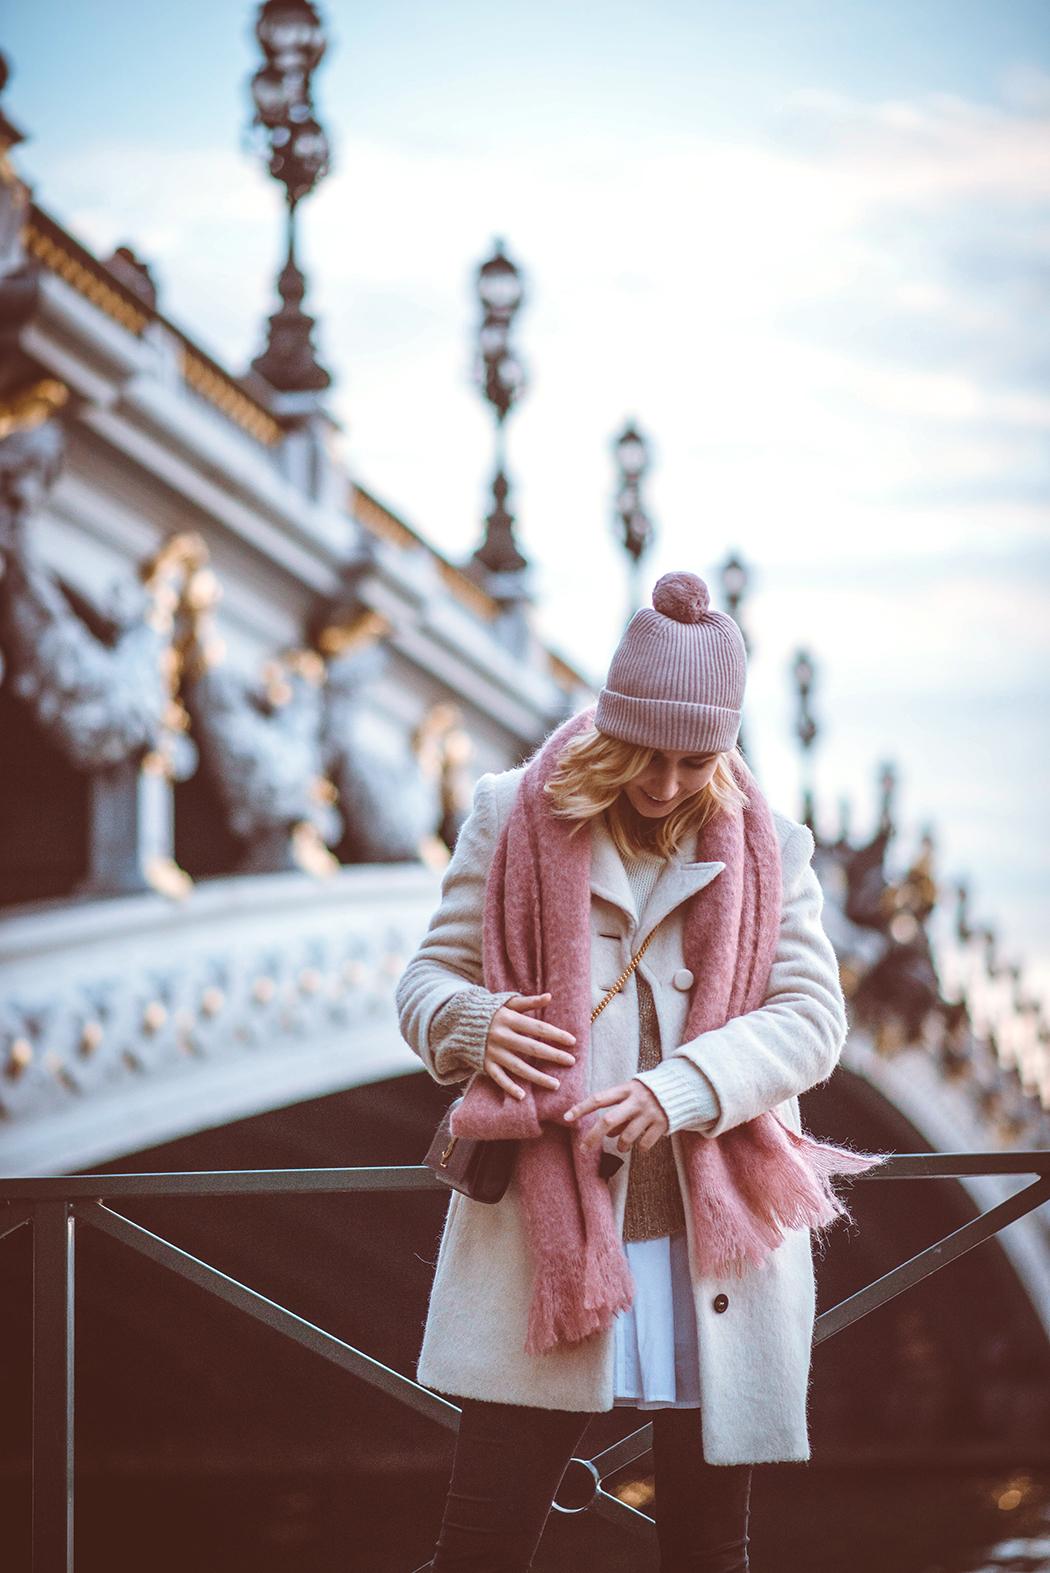 fashionblog-fashionblogger-fashion-blog-blogger-paris-muenchen-lindarella-weisser-mantel-5-web